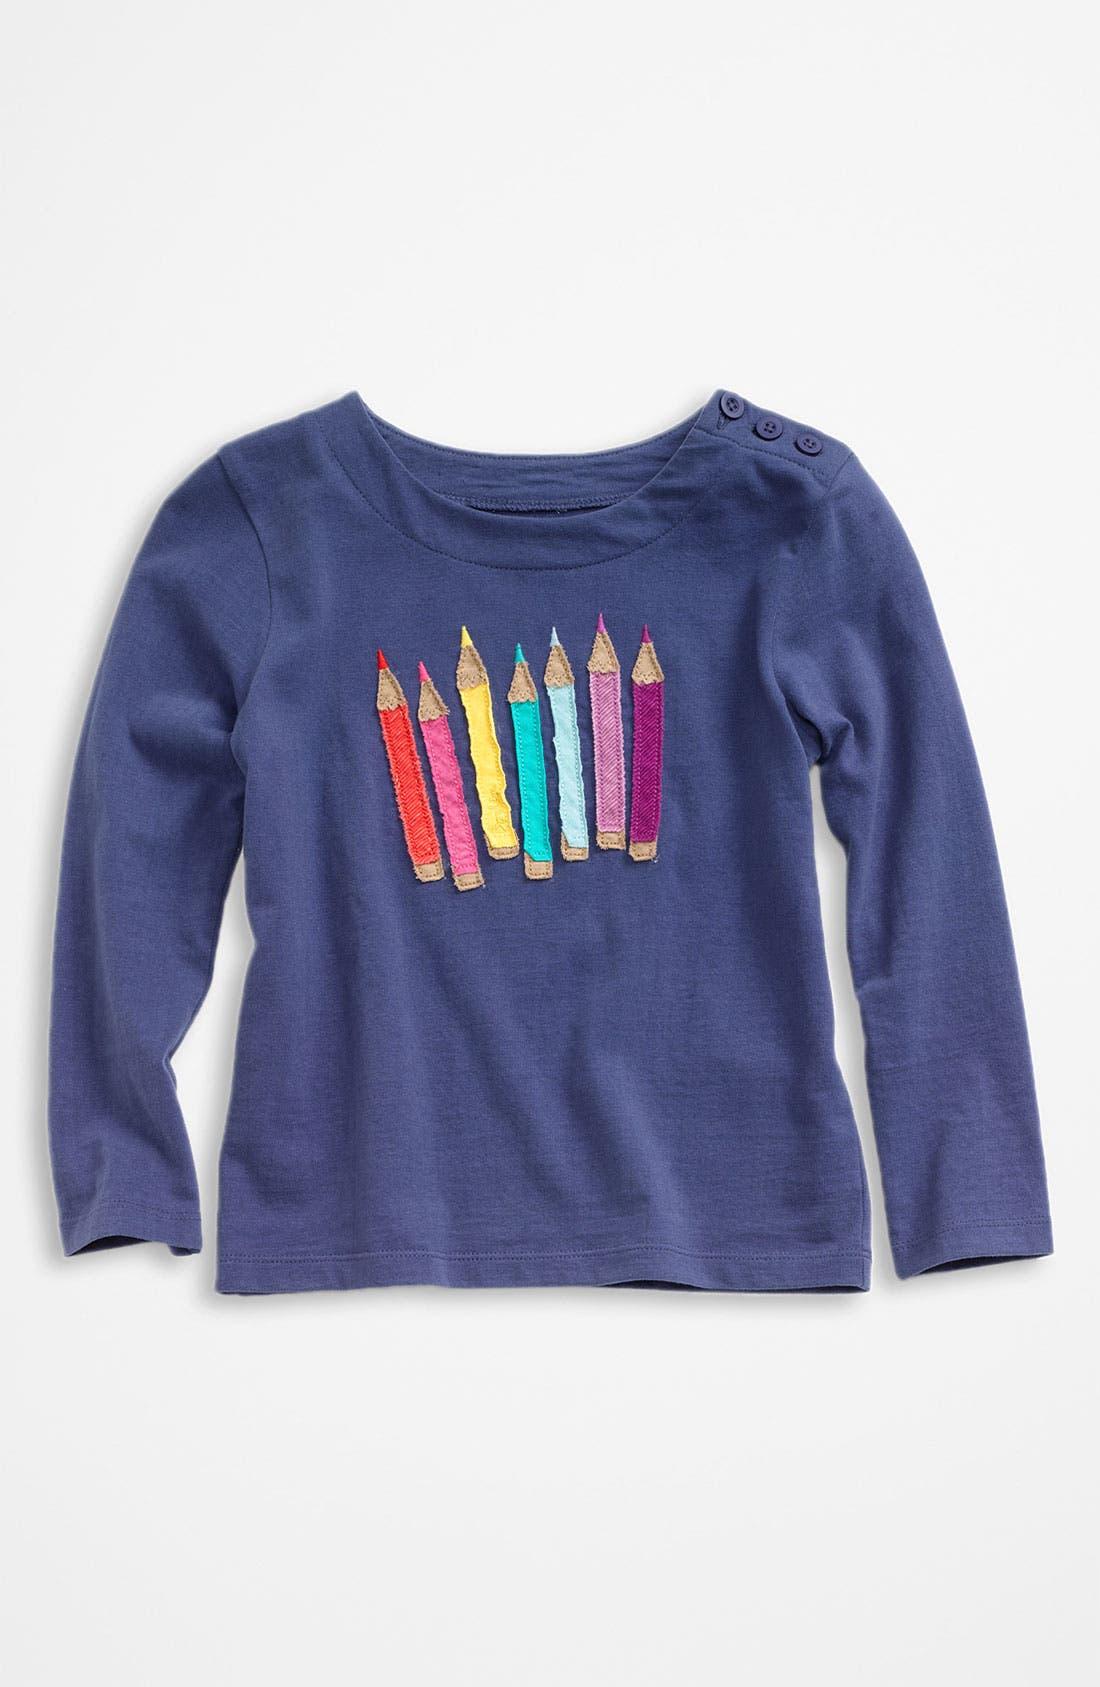 Main Image - Mini Boden 'Multi Crayon' Appliqué Tee (Toddler)